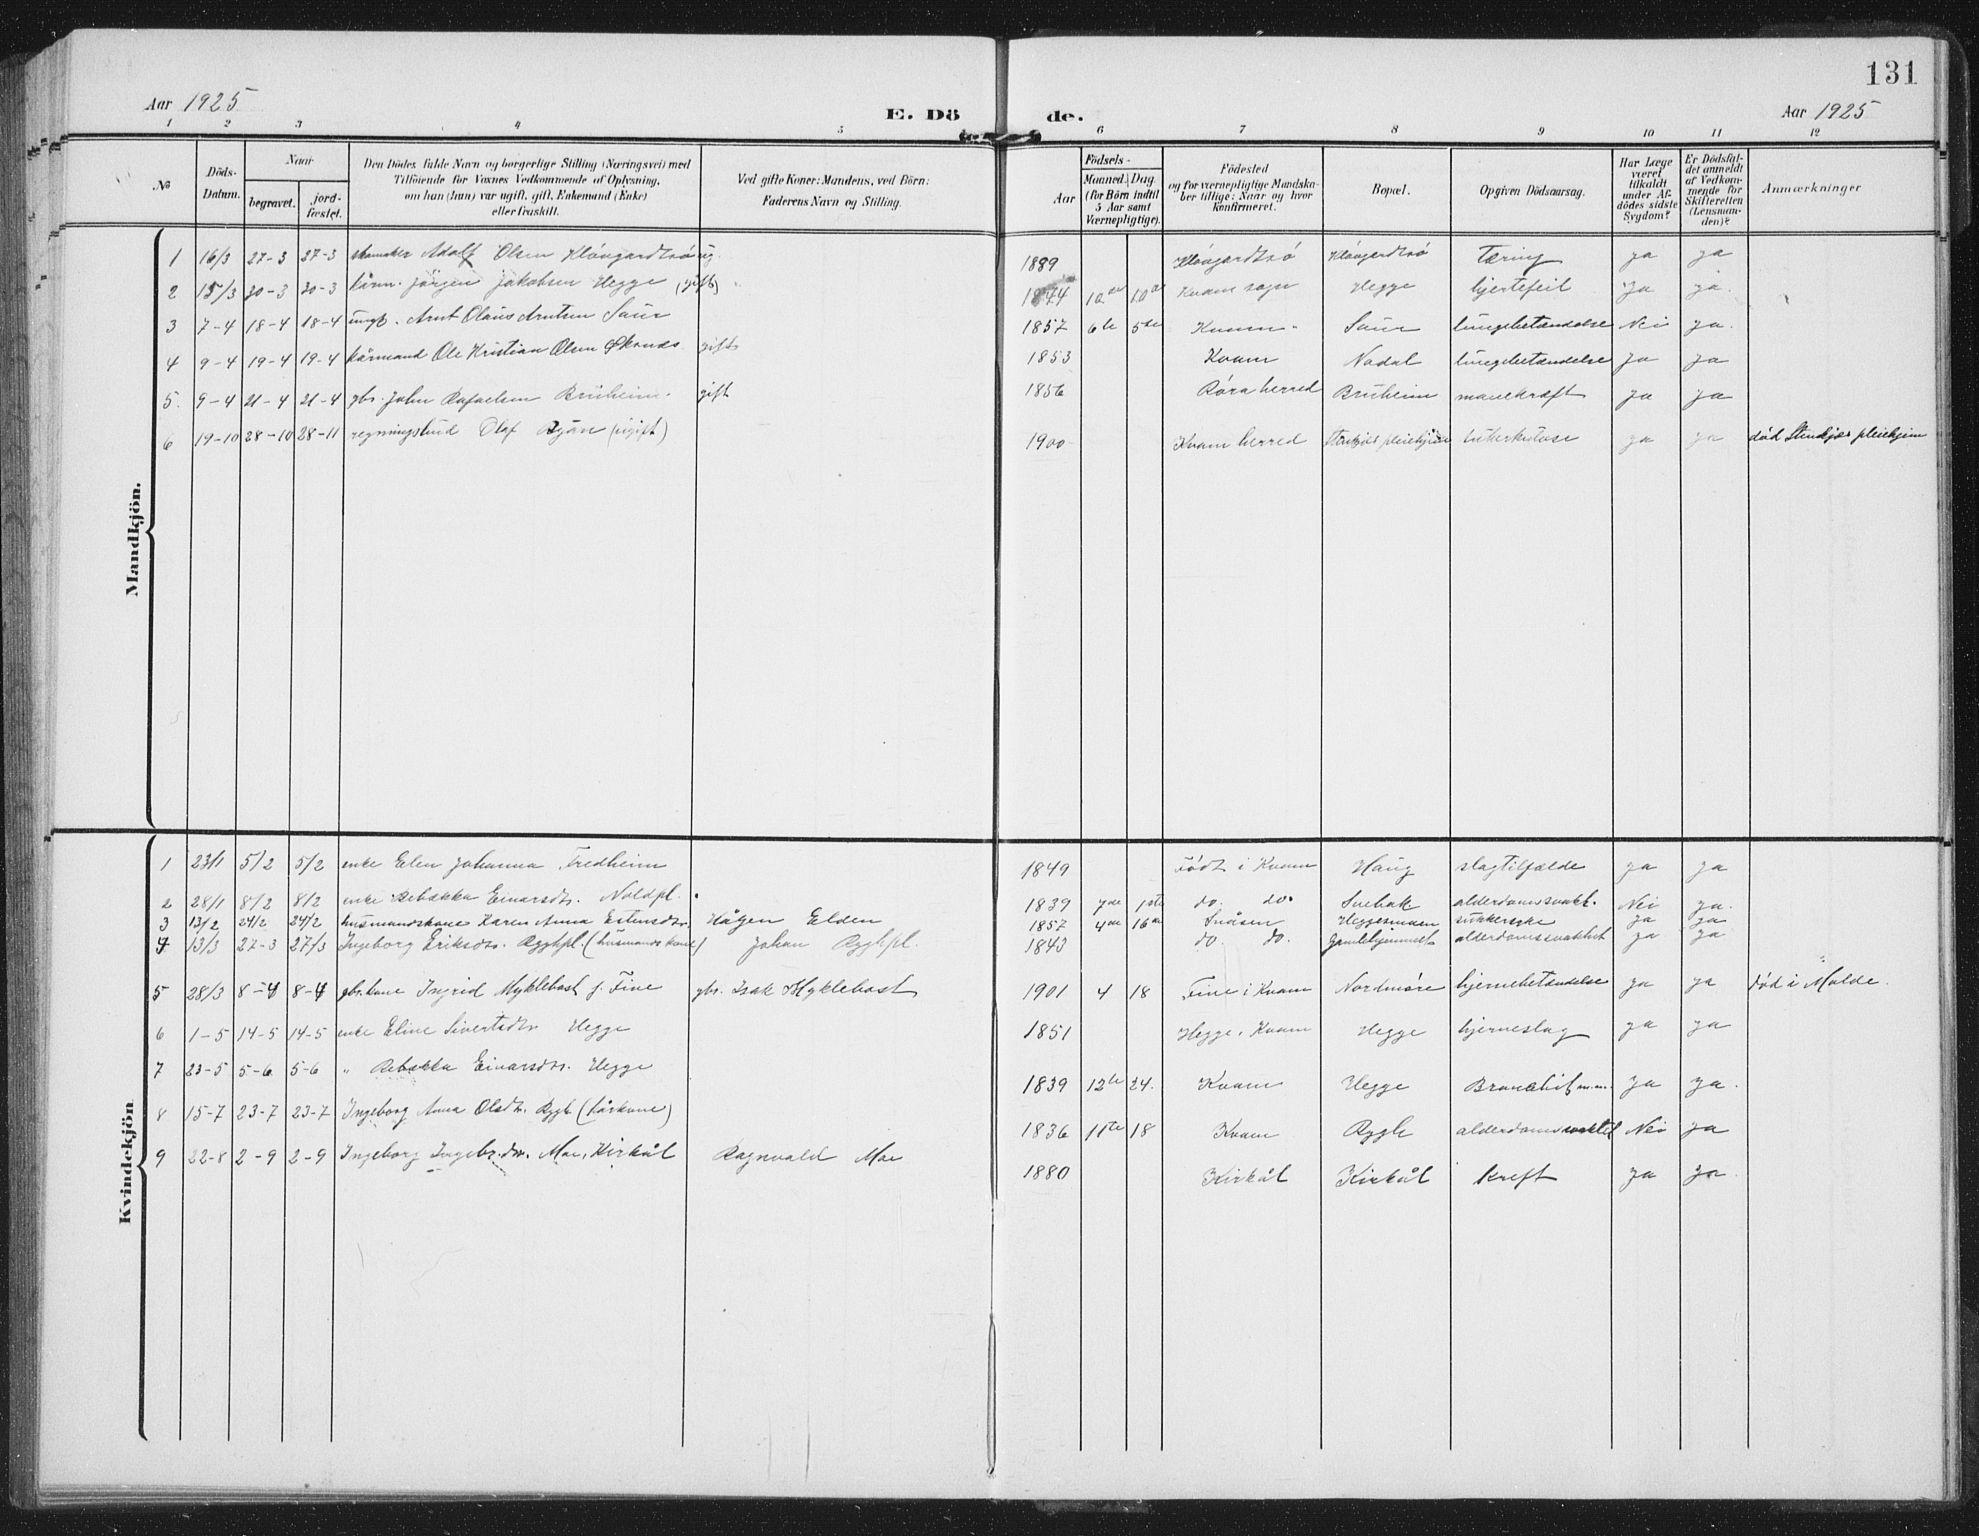 SAT, Ministerialprotokoller, klokkerbøker og fødselsregistre - Nord-Trøndelag, 747/L0460: Klokkerbok nr. 747C02, 1908-1939, s. 131